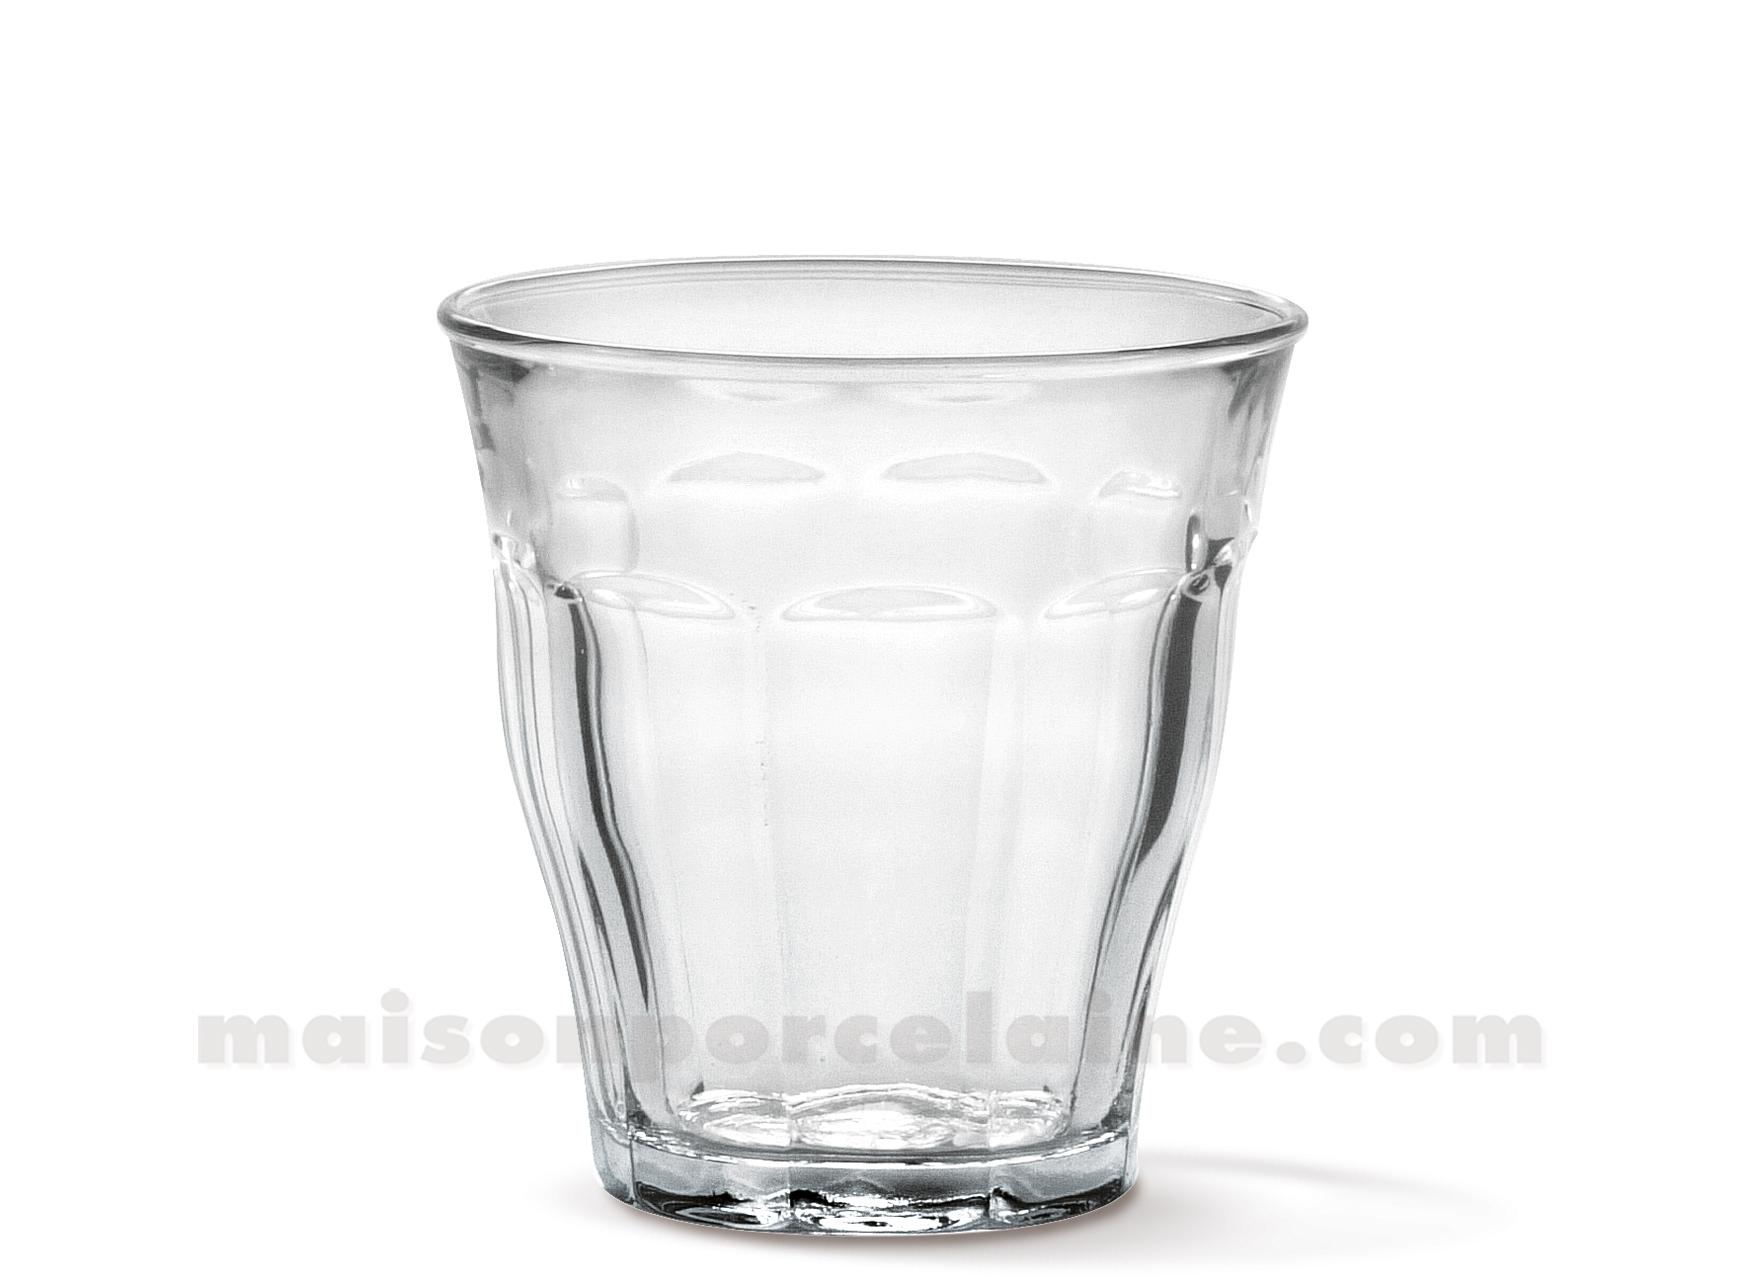 goblet duralex picardie 16 cl verre trempe coffret de 6 maison de la porcelaine. Black Bedroom Furniture Sets. Home Design Ideas